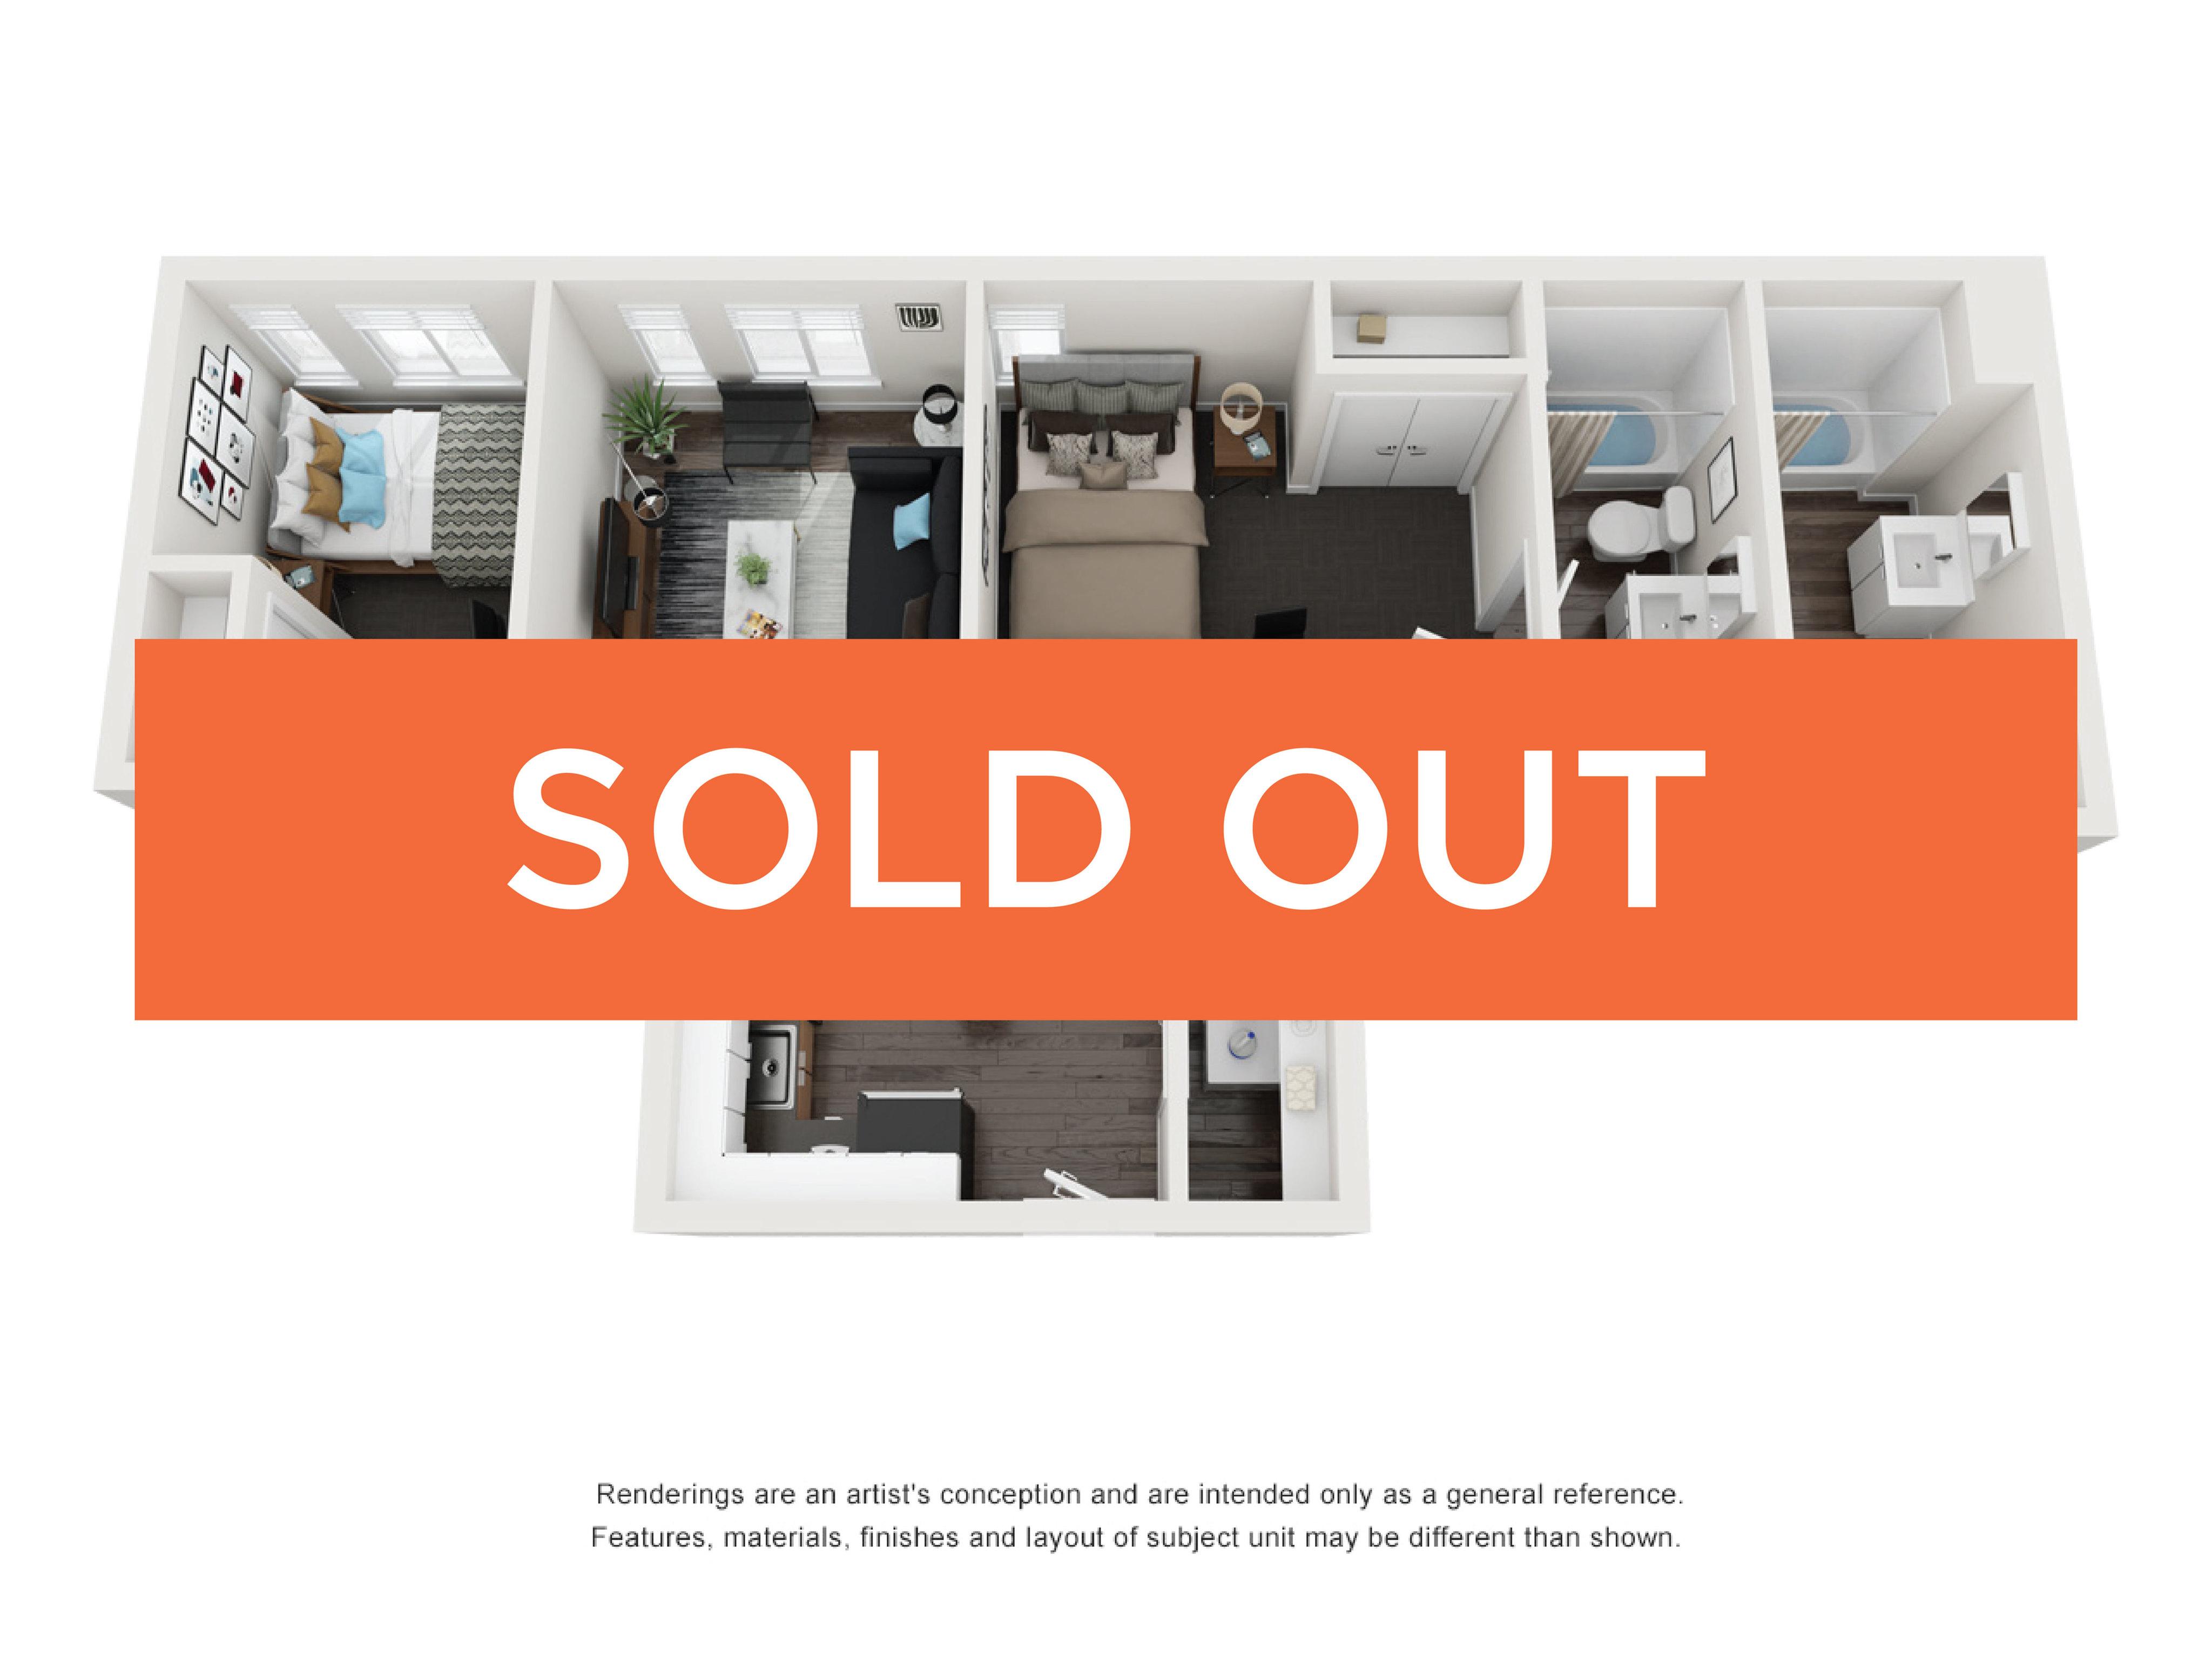 Prairie Elite floorplan is sold out